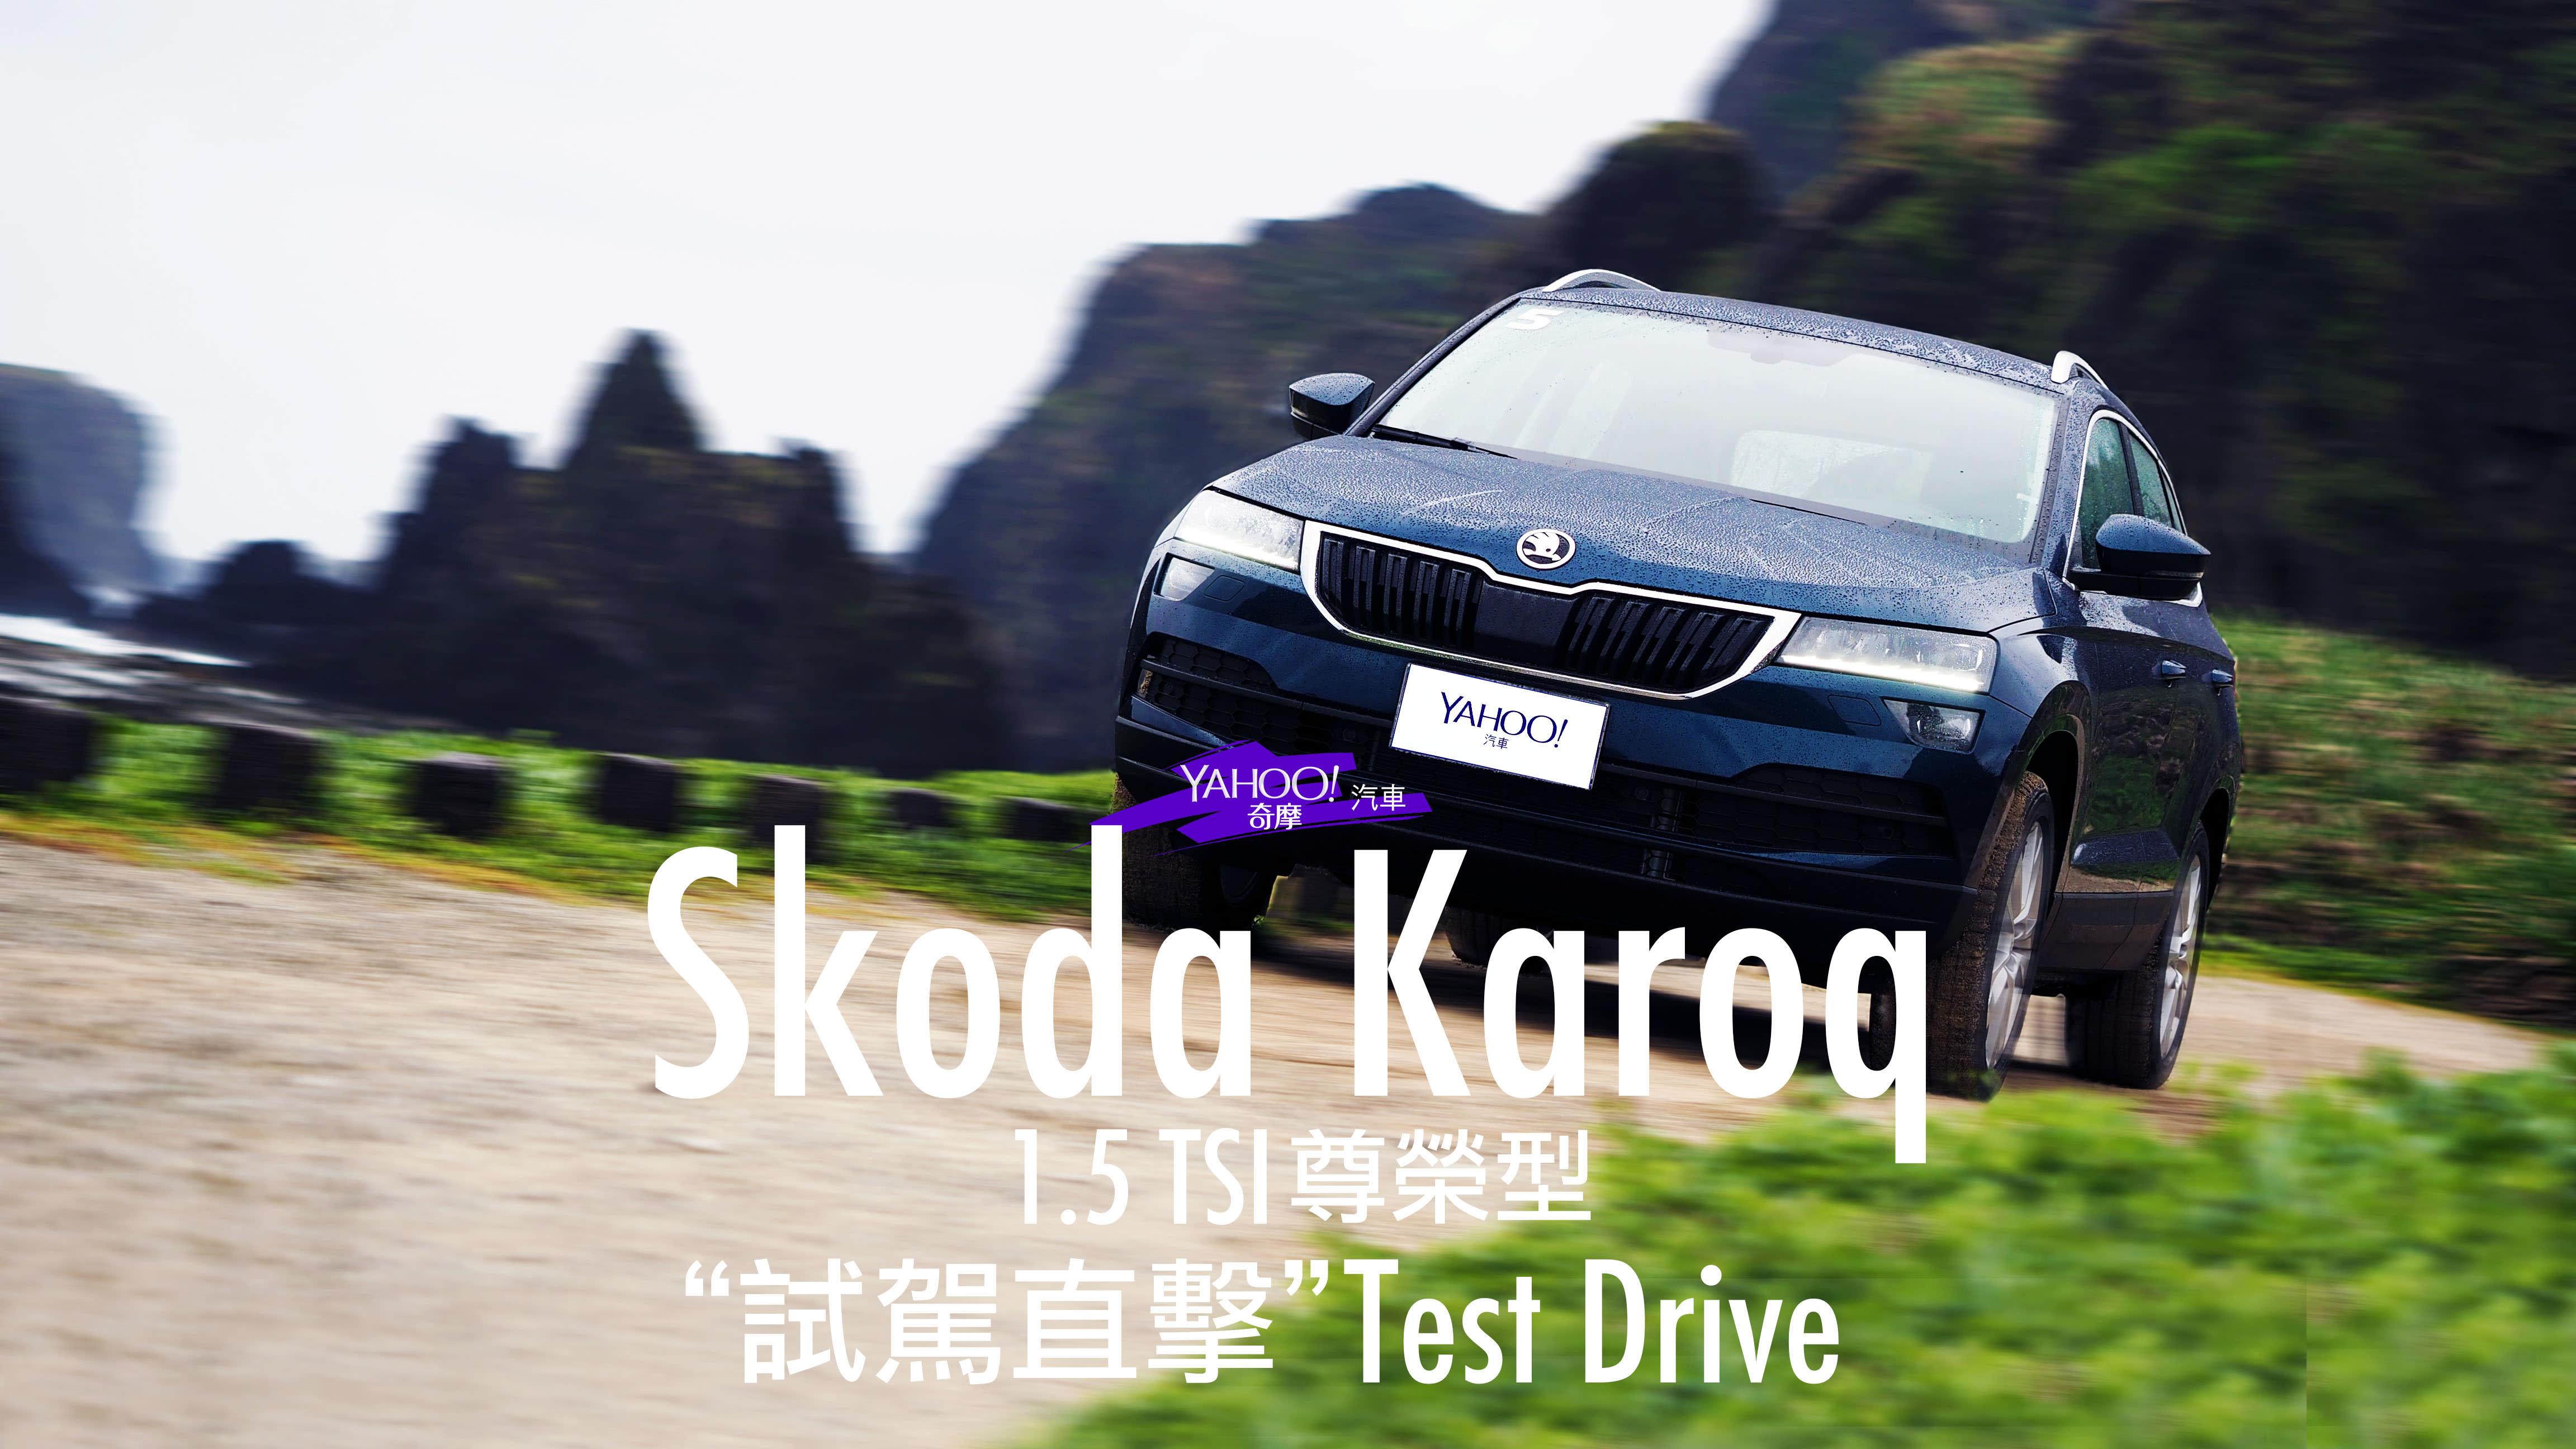 【試駕直擊】春雨欲來轉翠峰 2018 Skoda Karoq尊榮型1.5TSI綠島試駕